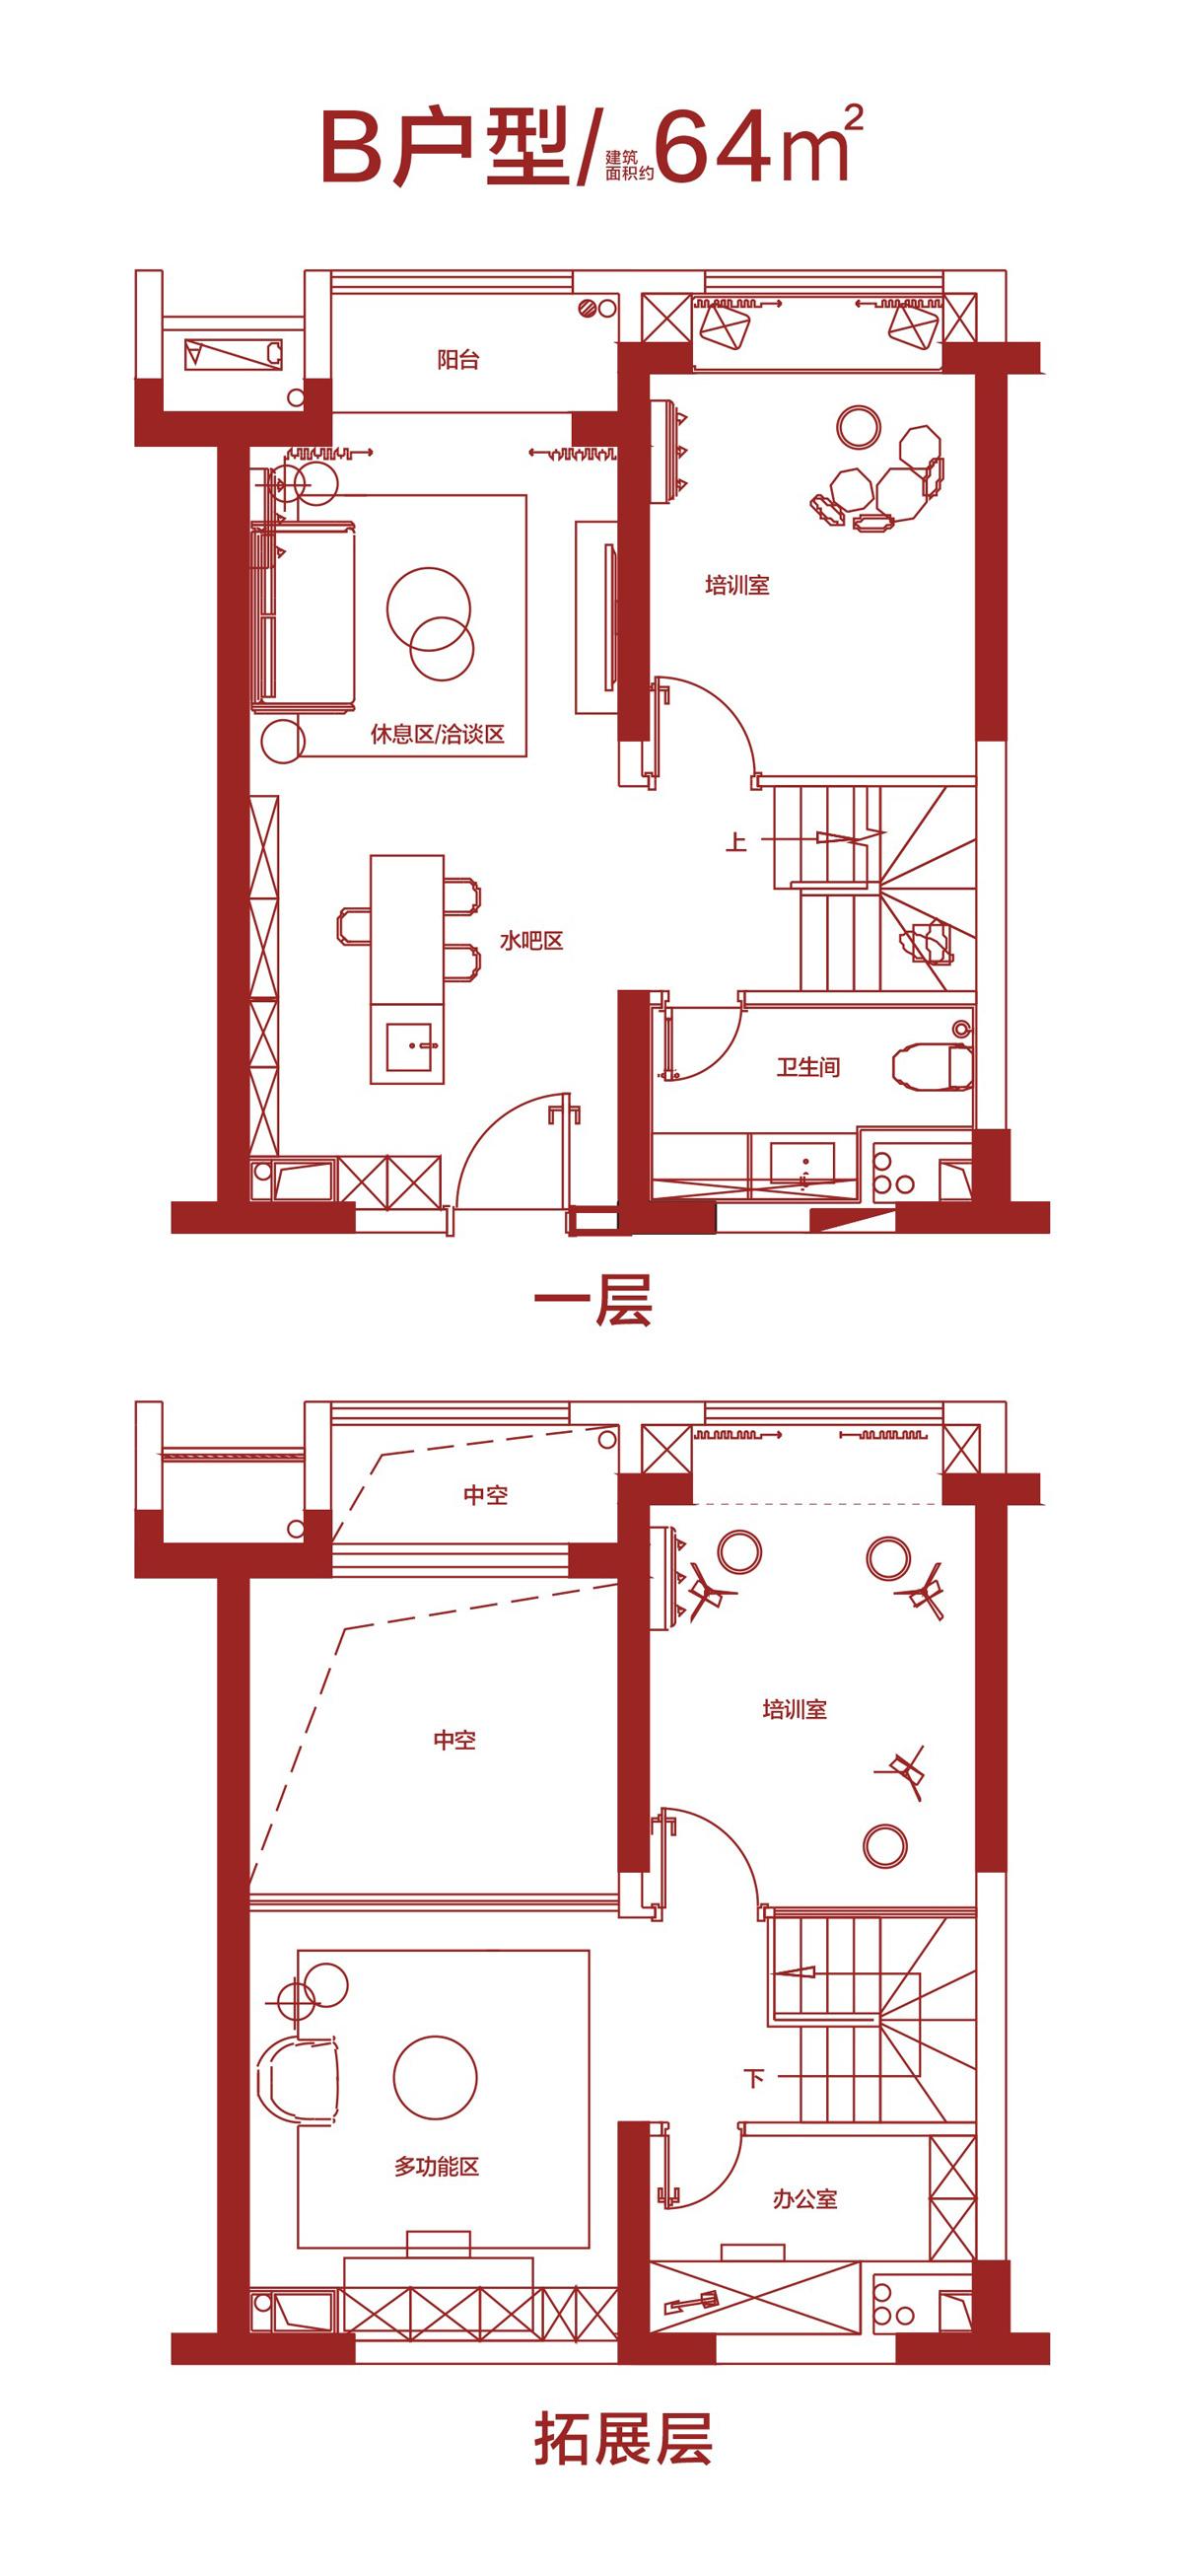 碧桂园剑桥郡3室1卫 (建筑面积:64.00㎡)